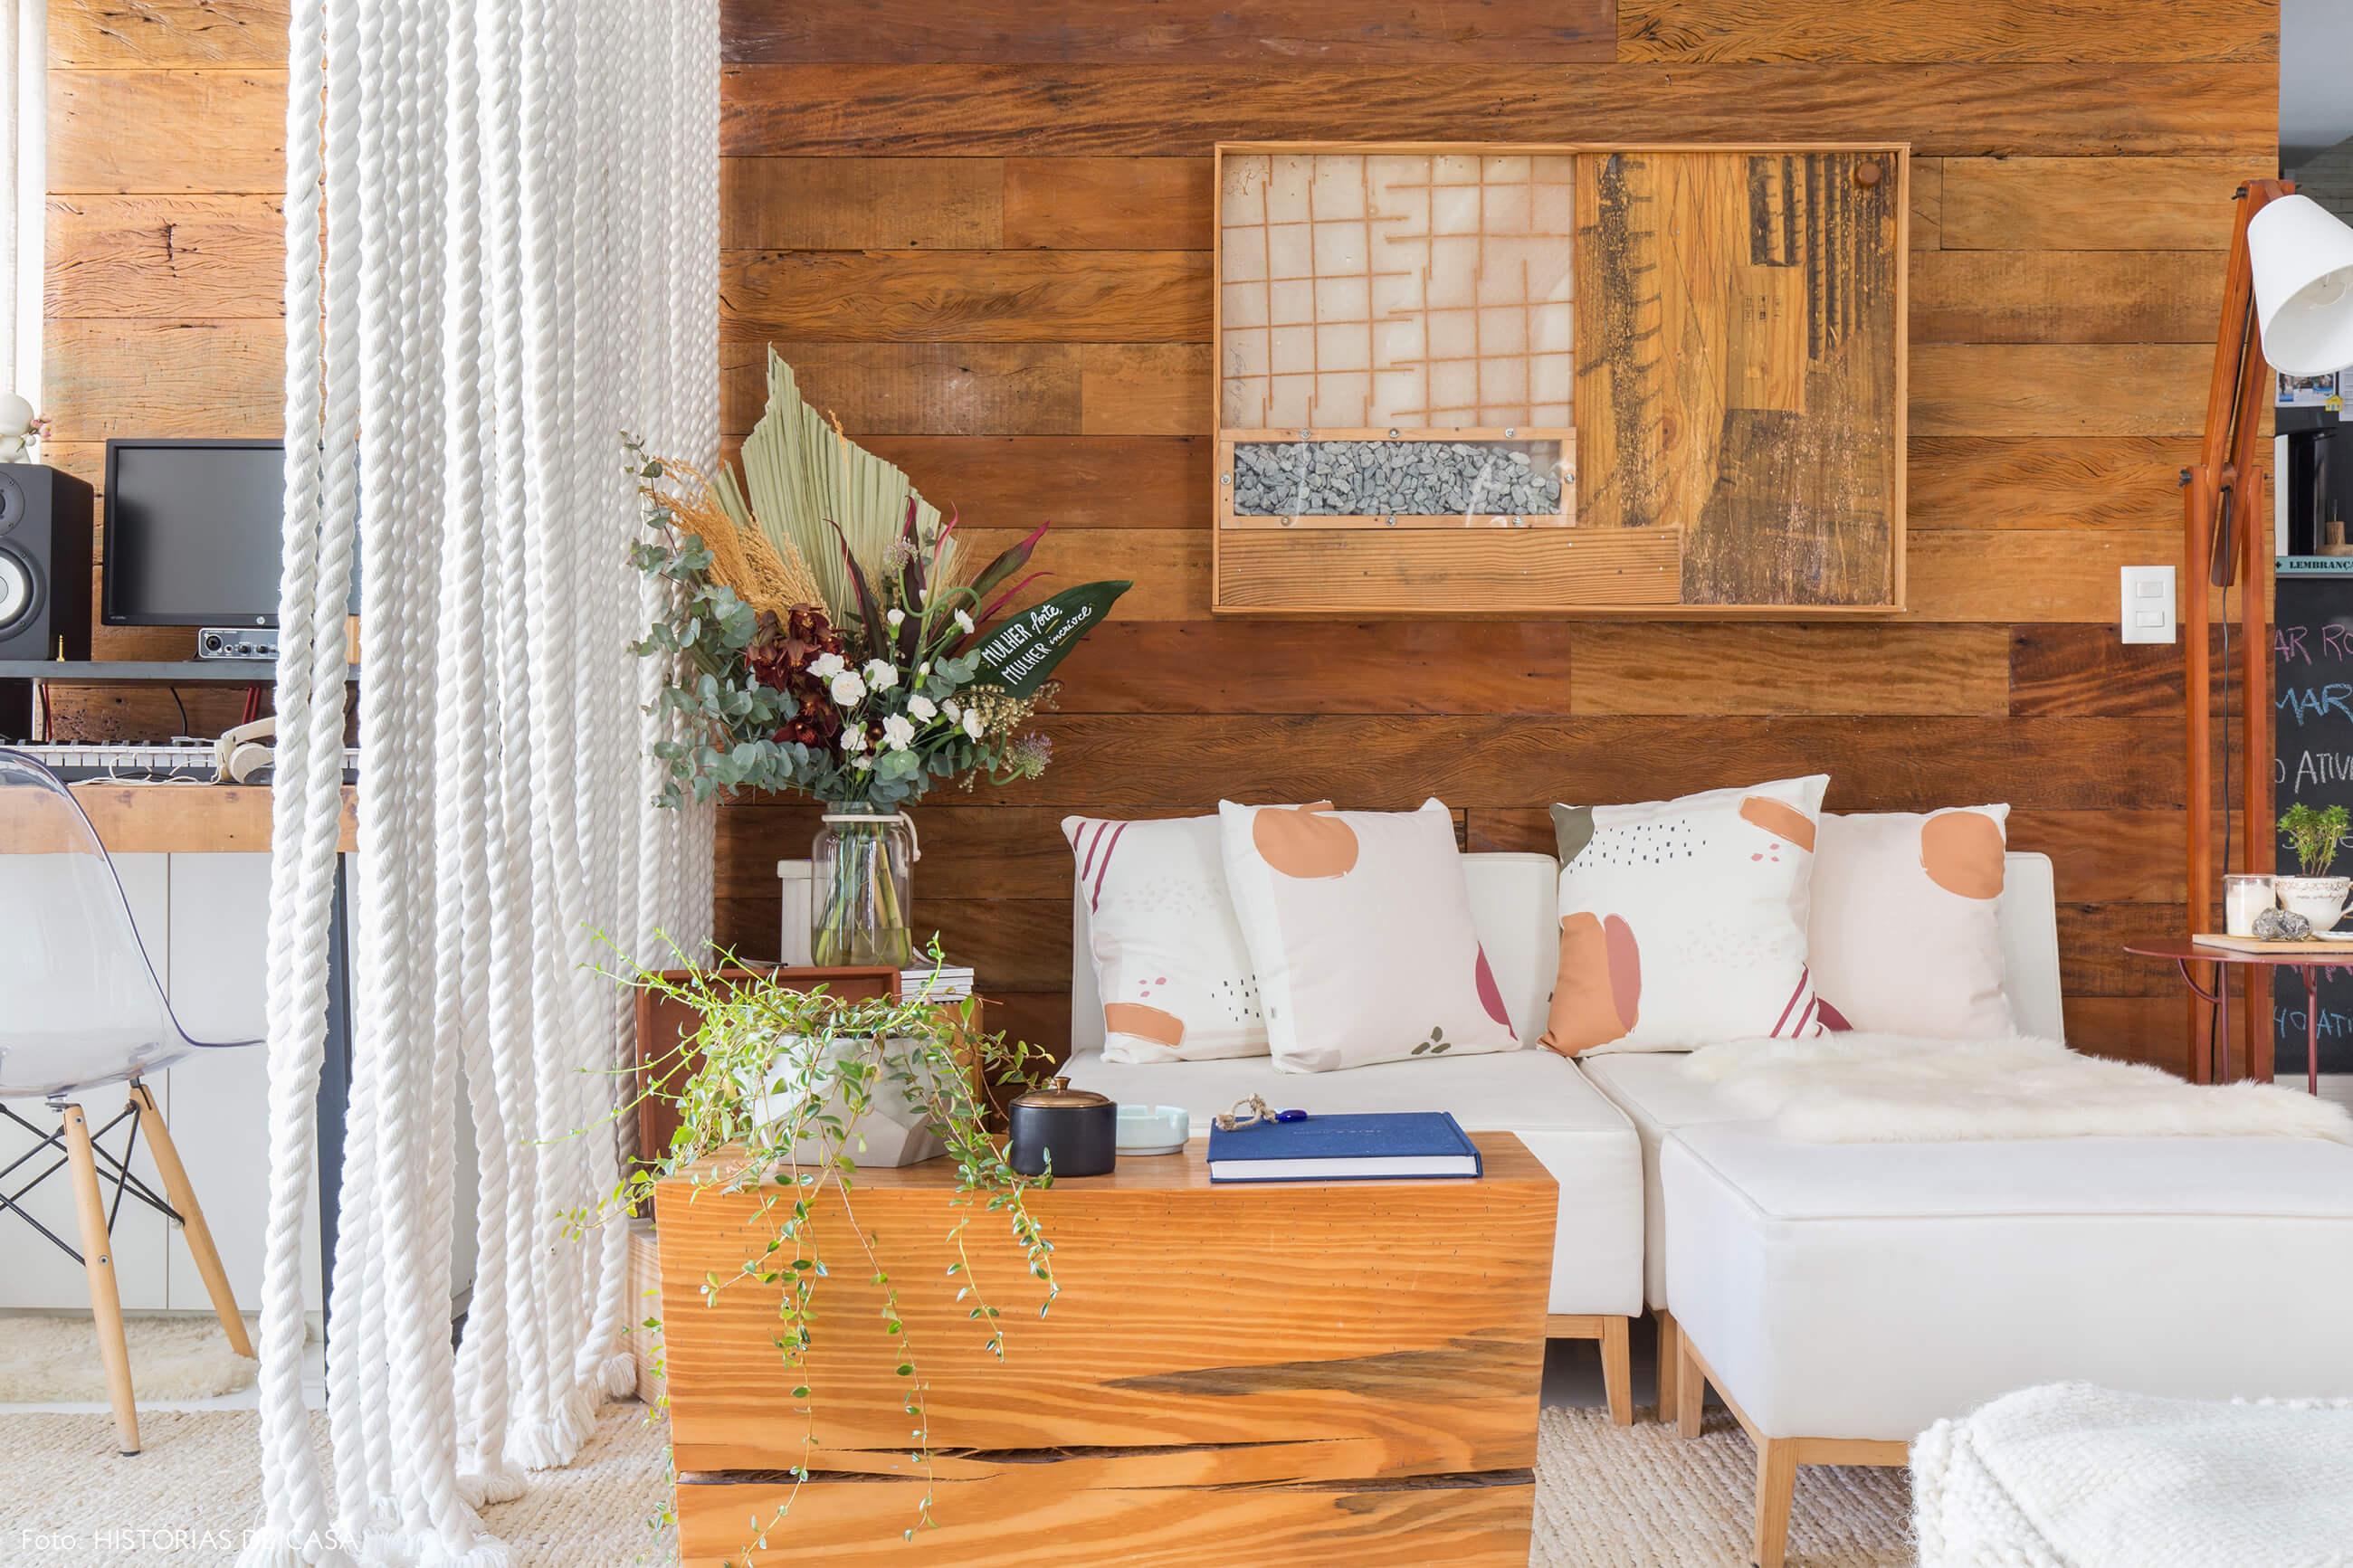 ju-cosi-decoração-sala-paredes-e-moveis-madeira